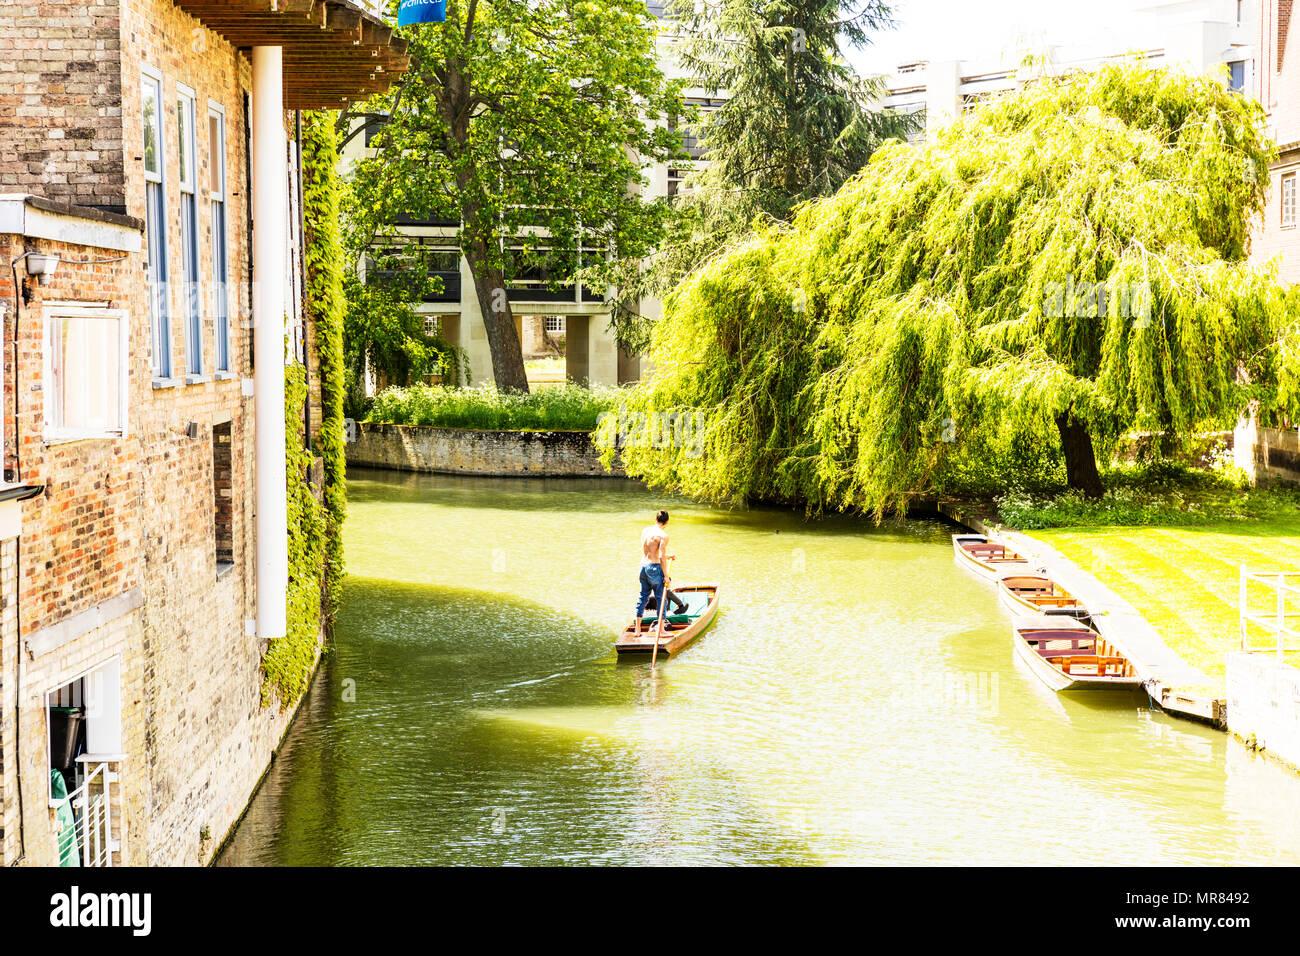 England, Cambridgeshire, Cambridge, Punting on River Cam, Punting Cambridge, Punting boat, punting, Cambridge river cam, river Cam, punter river Cam, - Stock Image